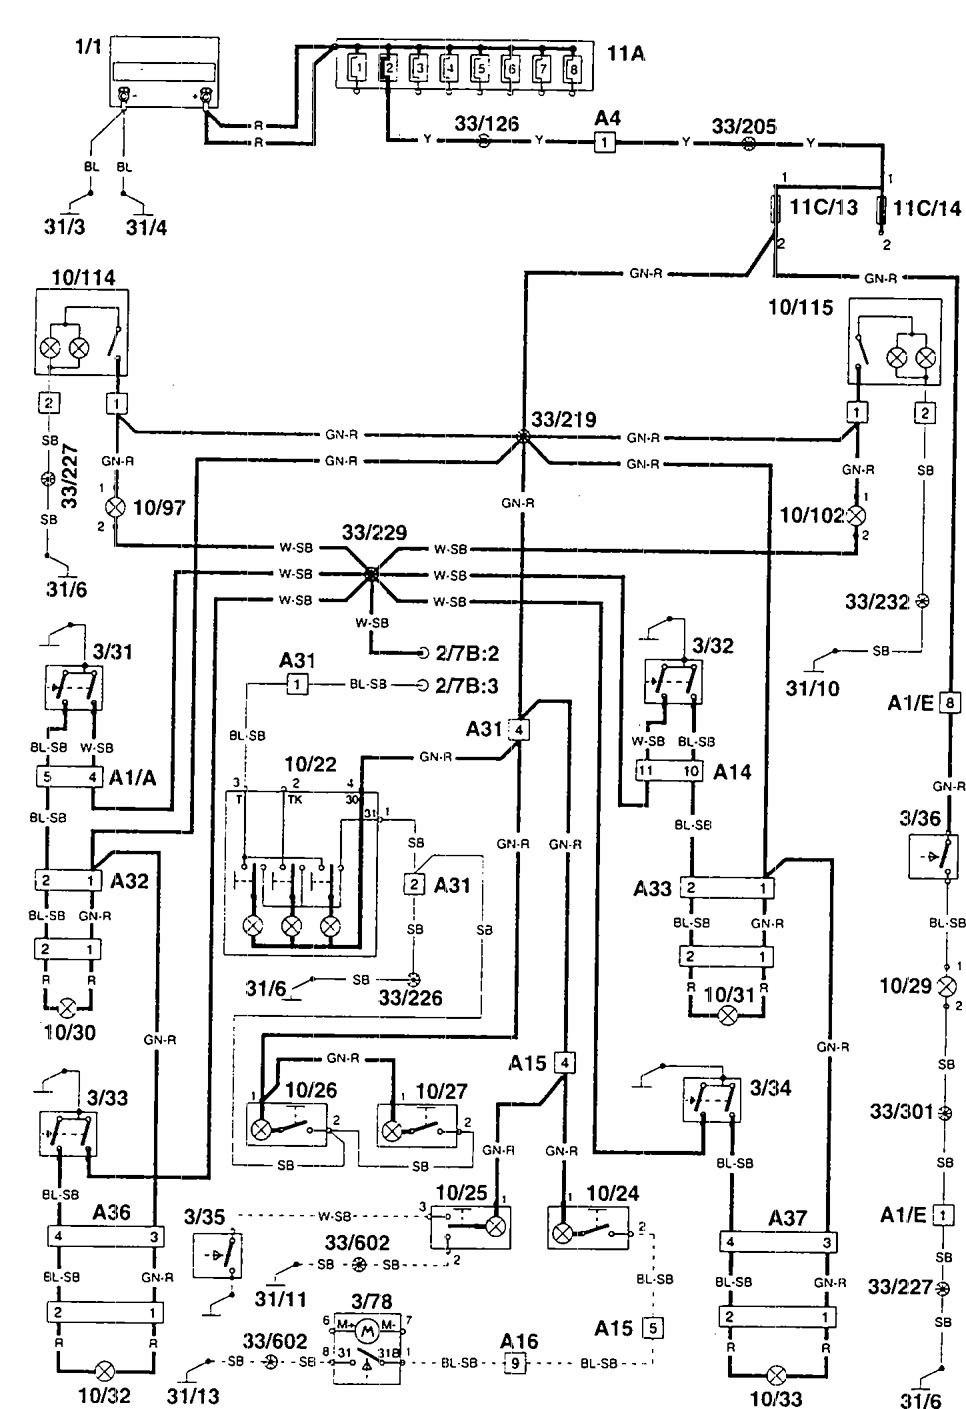 [AV_8148] Ktm 350 Exc Wiring Diagram Schematic Wiring